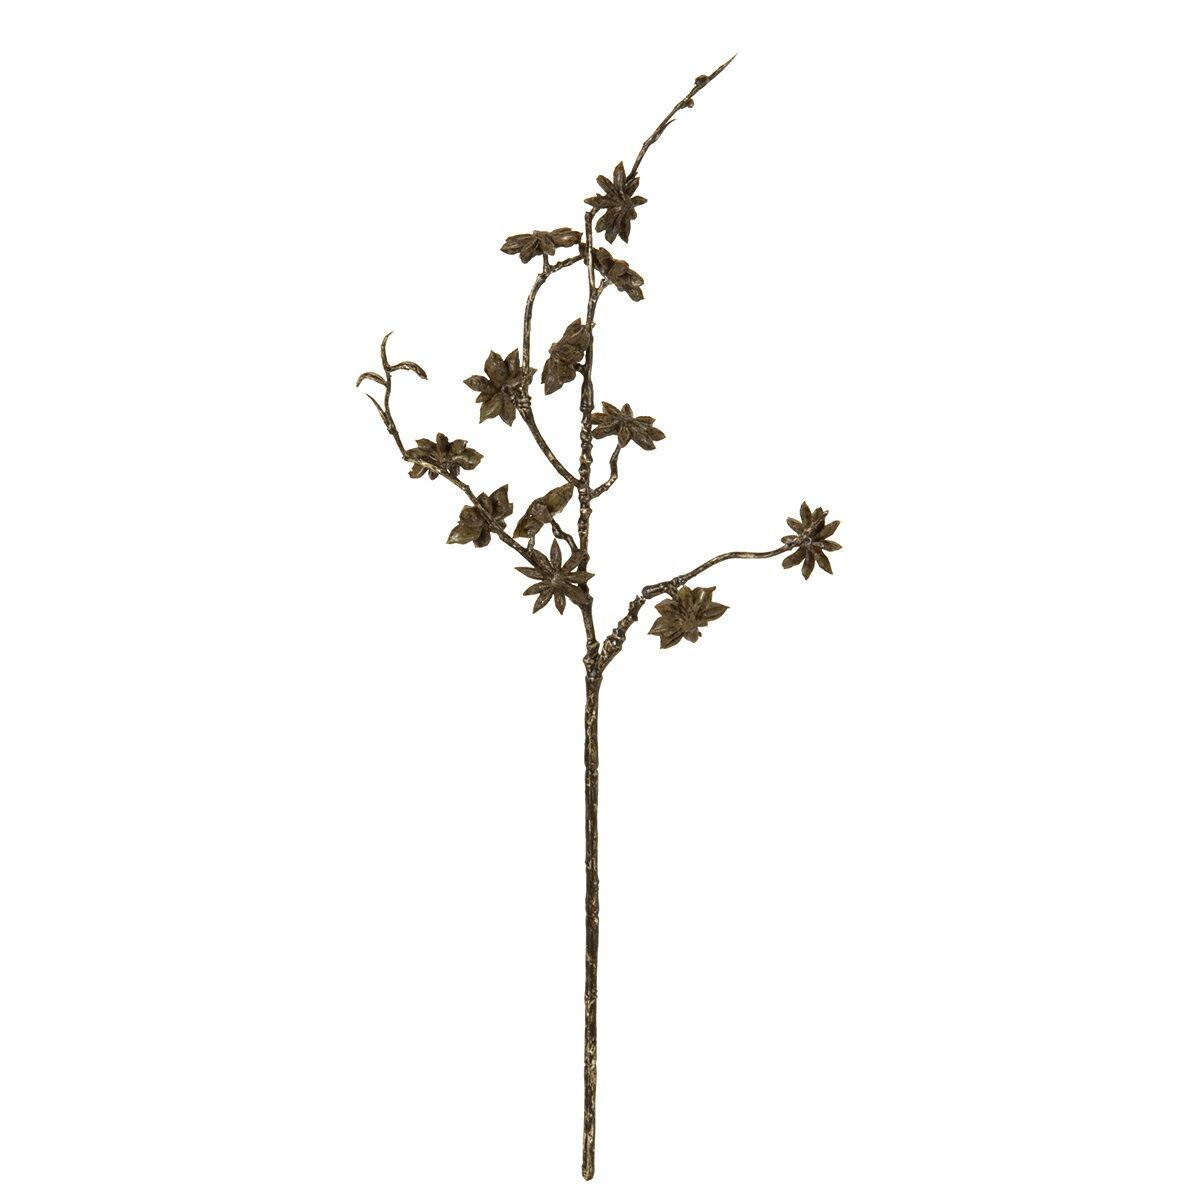 【造花】MAGIQ(東京堂)/スターアニススプレー DK.BR /FM006674【01】【取寄】《 造花(アーティフィシャルフラワー) 造花枝物 その他の造花枝物 》